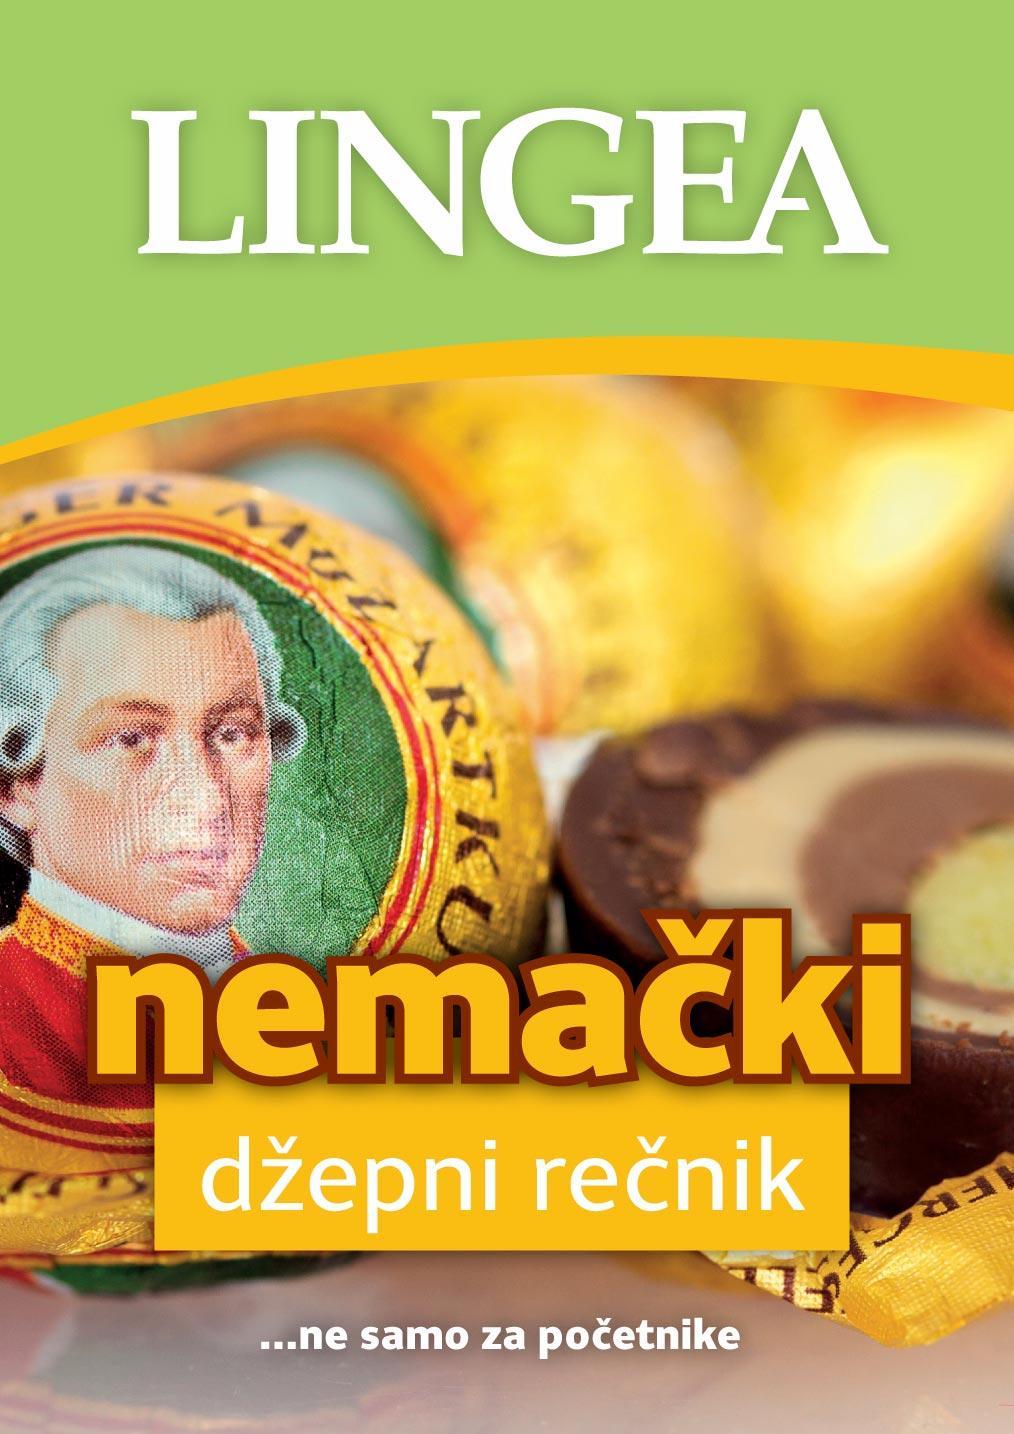 NEMAČKI DŽEPNI REČNIK 2.IZDANJE Lingea